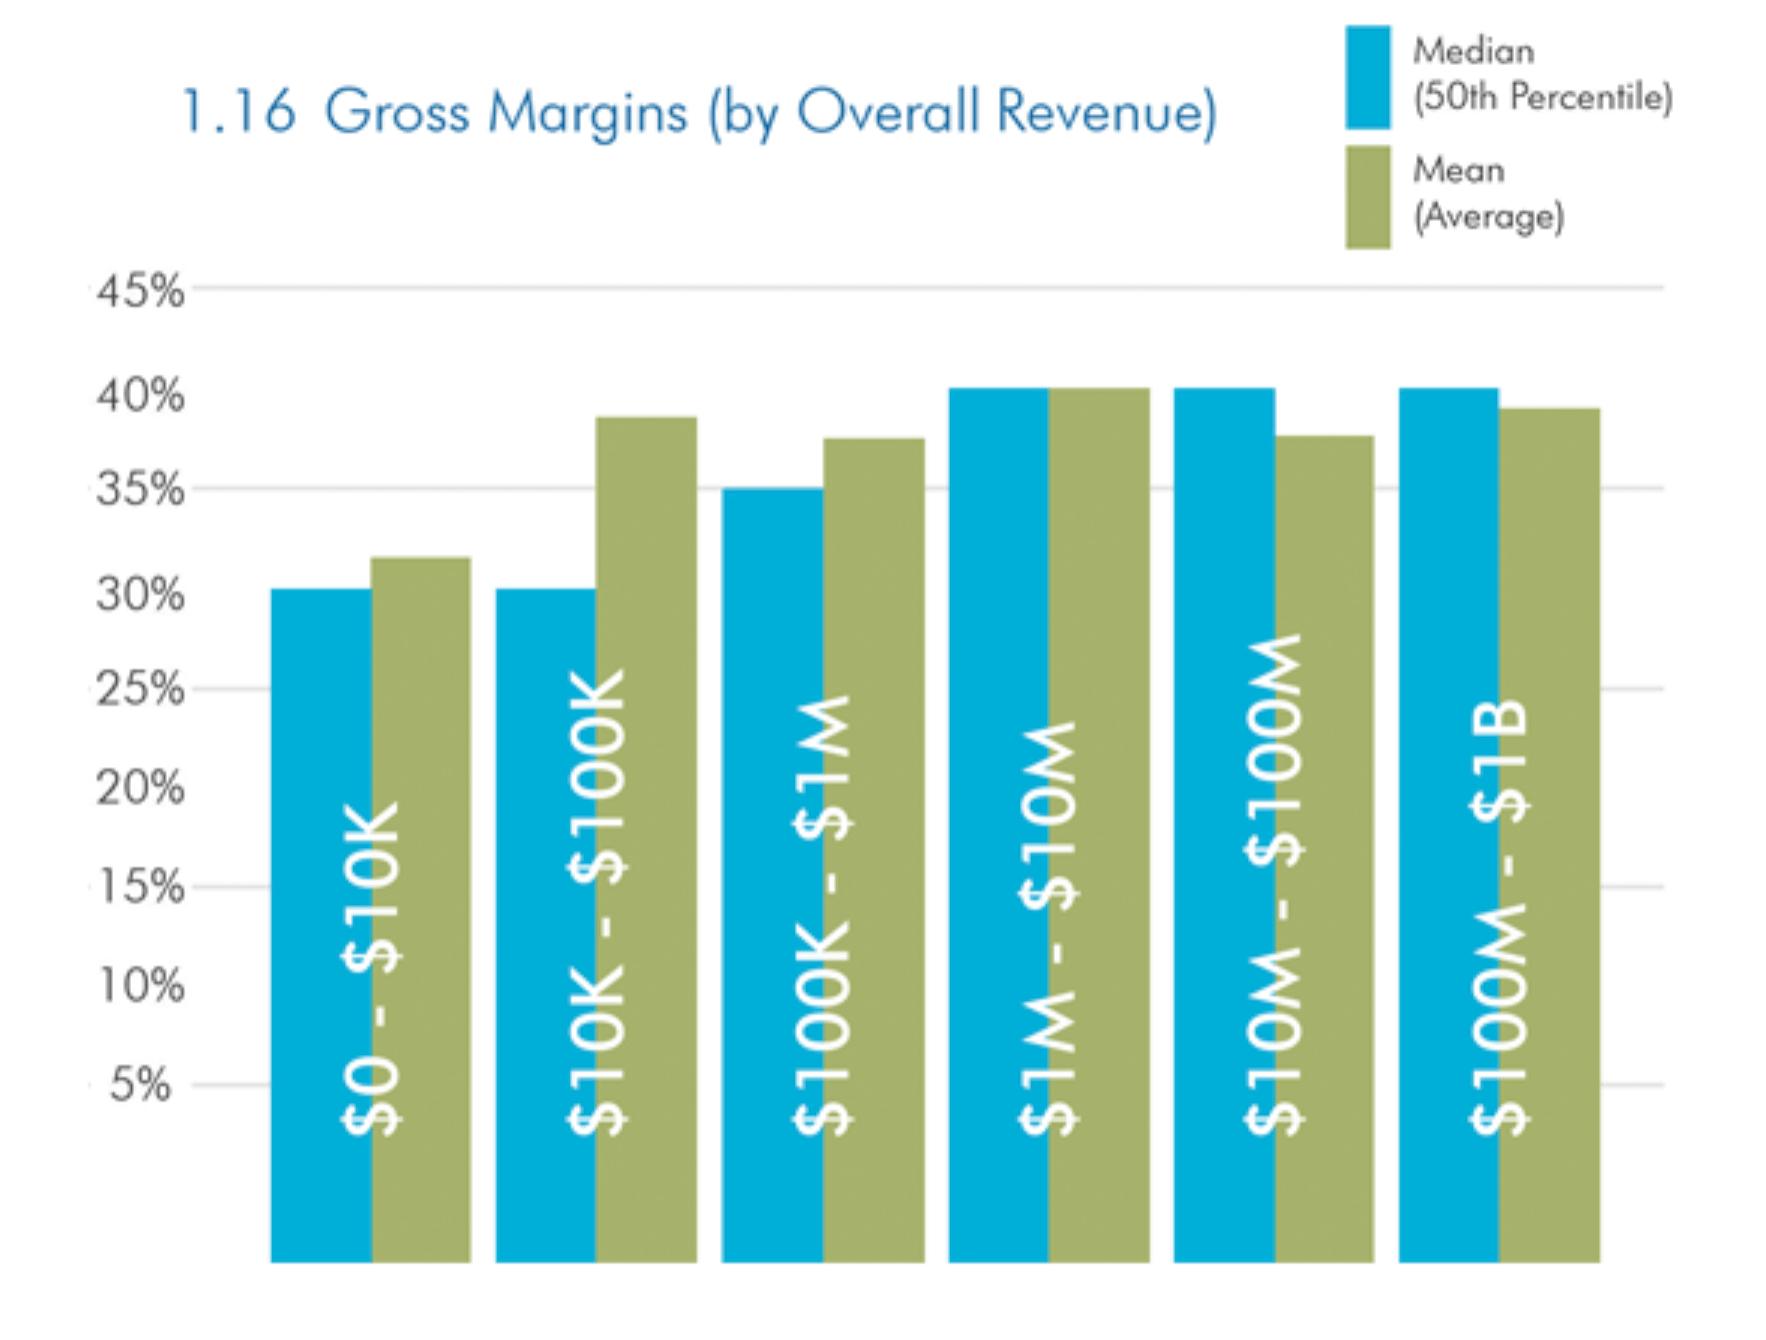 Average Gross Margins